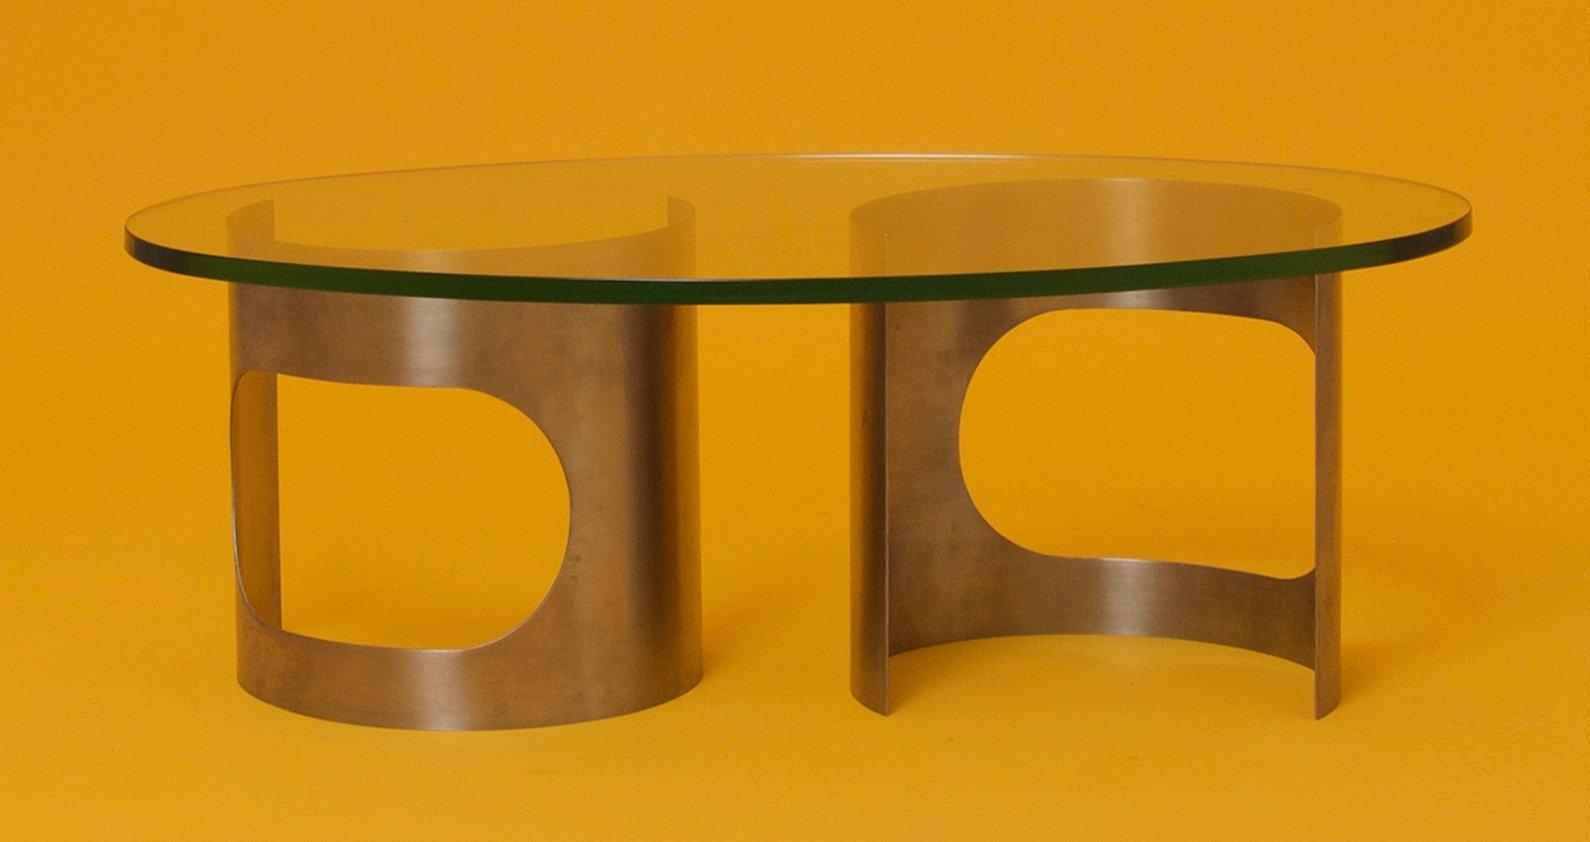 franz sischer runder couchtisch aus edelstahl glas 1970er bei pamono kaufen. Black Bedroom Furniture Sets. Home Design Ideas